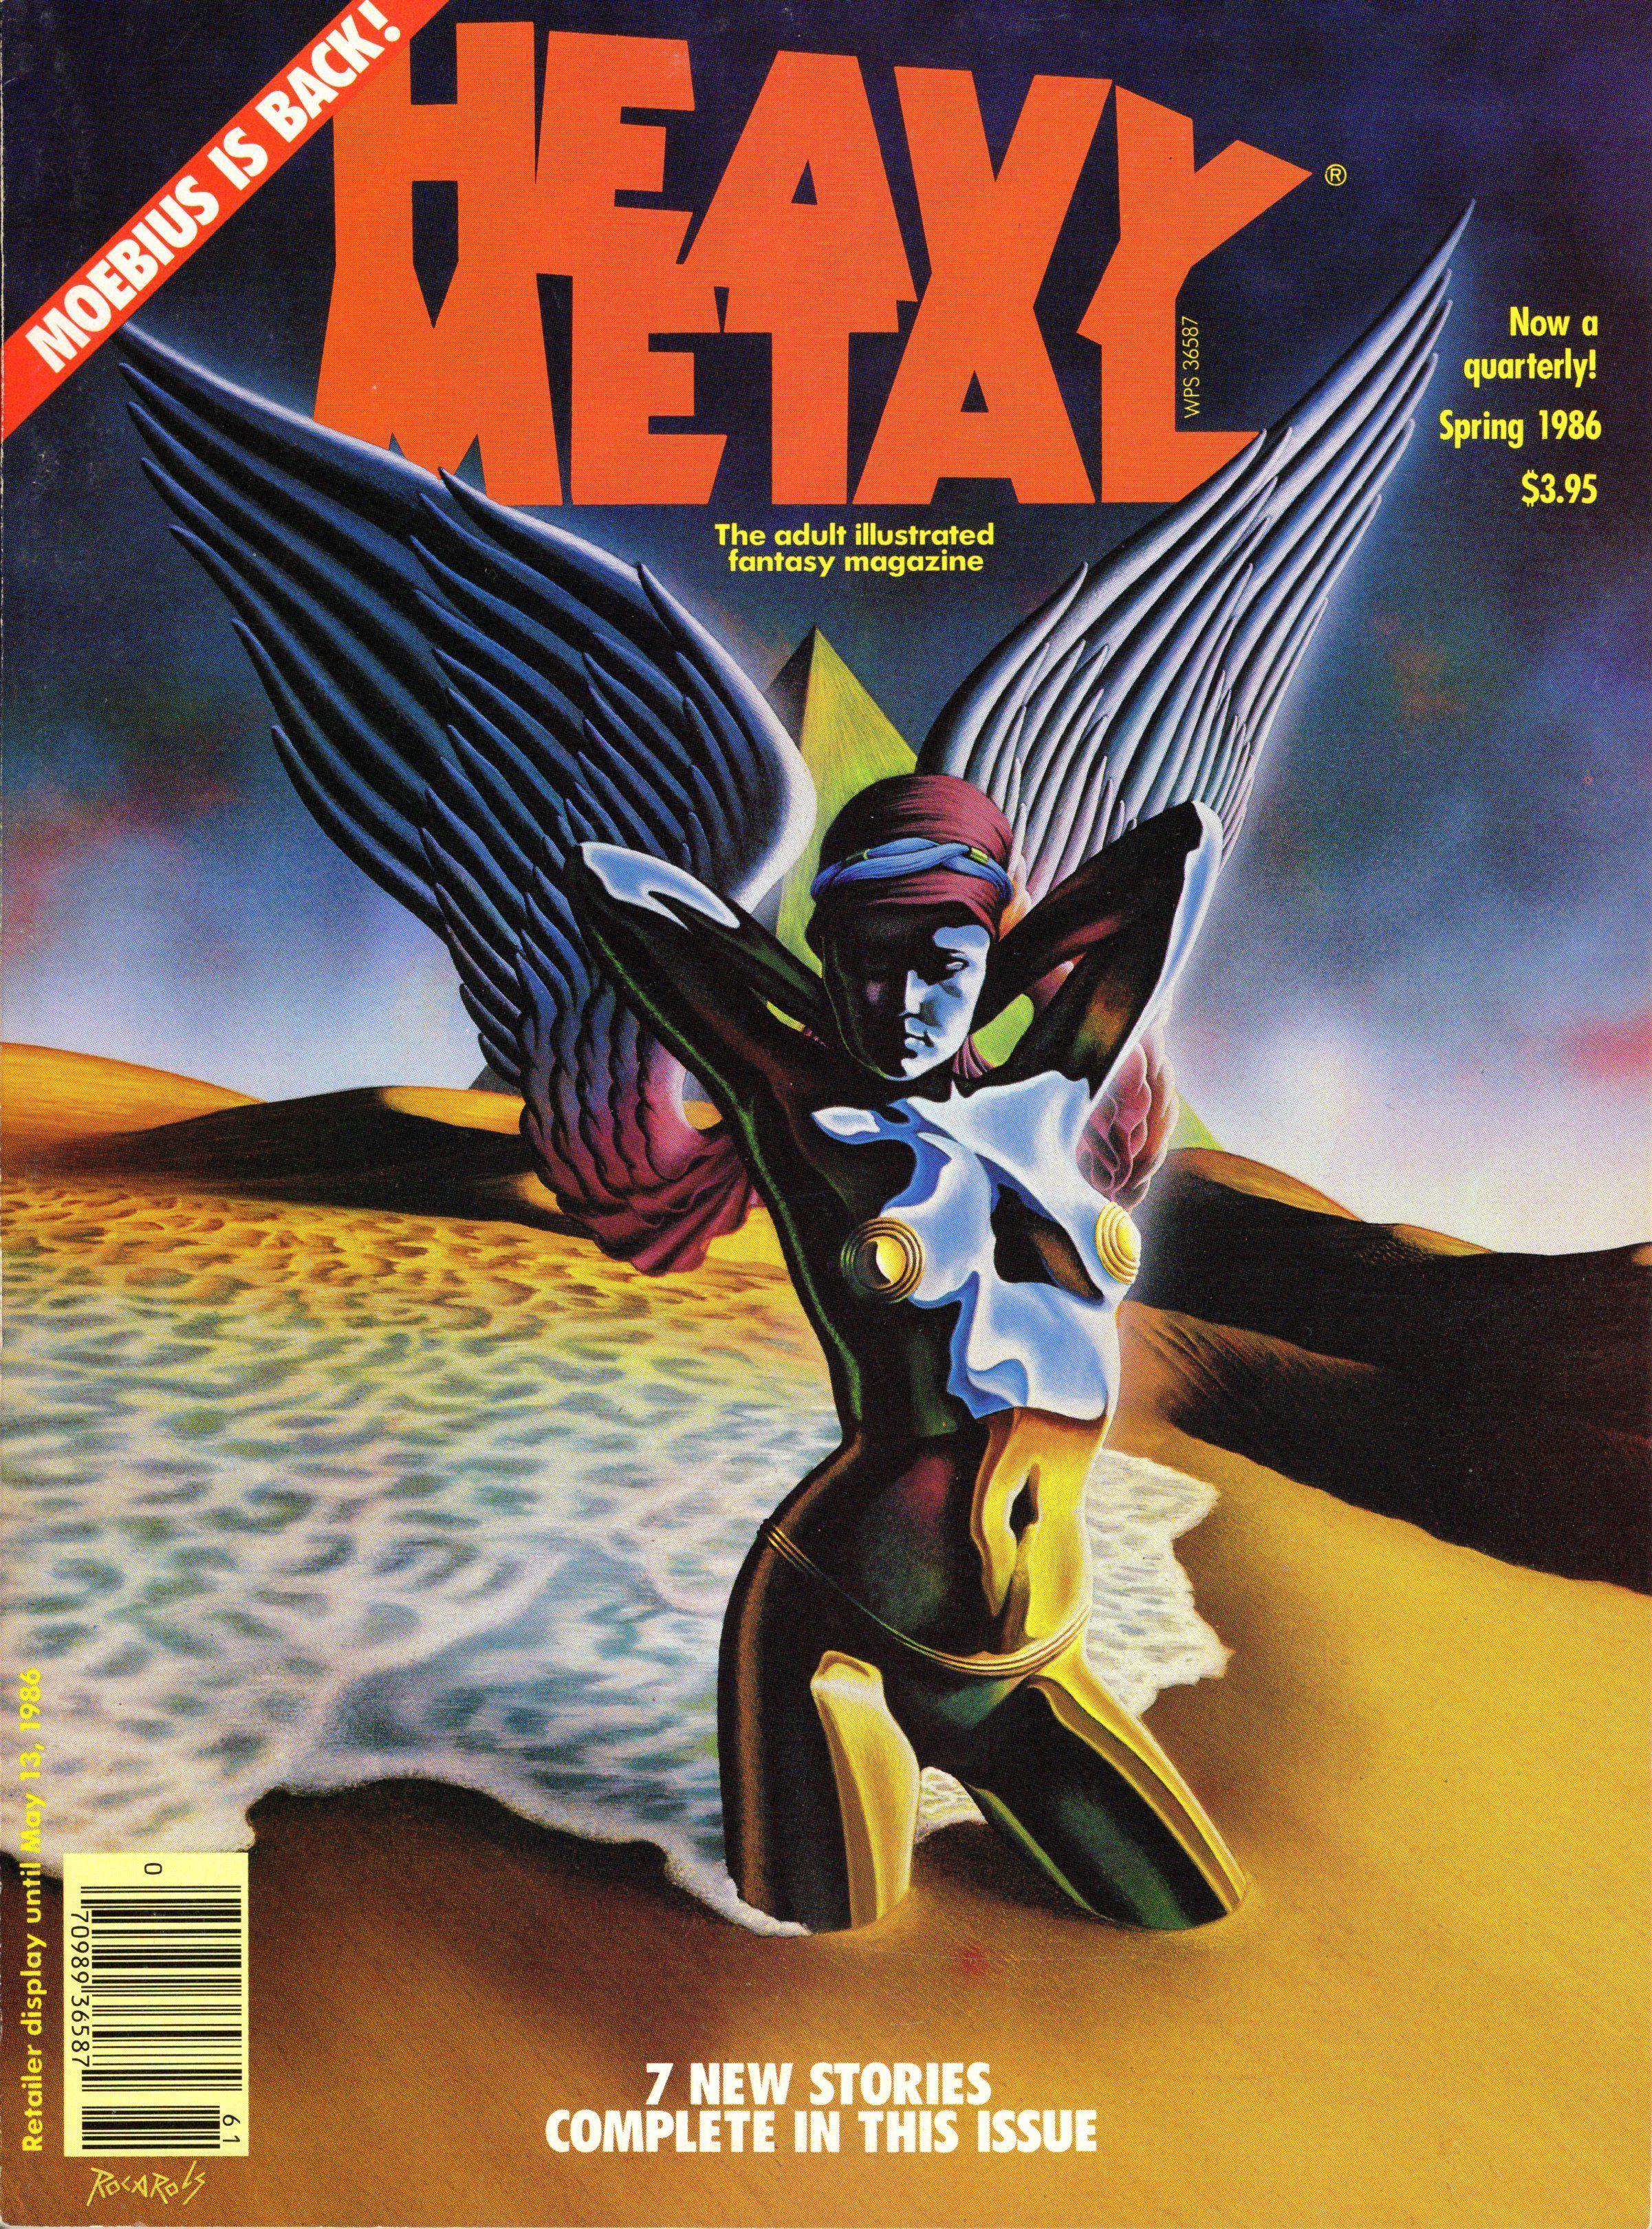 107 Rocarols, Heavy Metal 86-Spring  | SF/F magazine covers